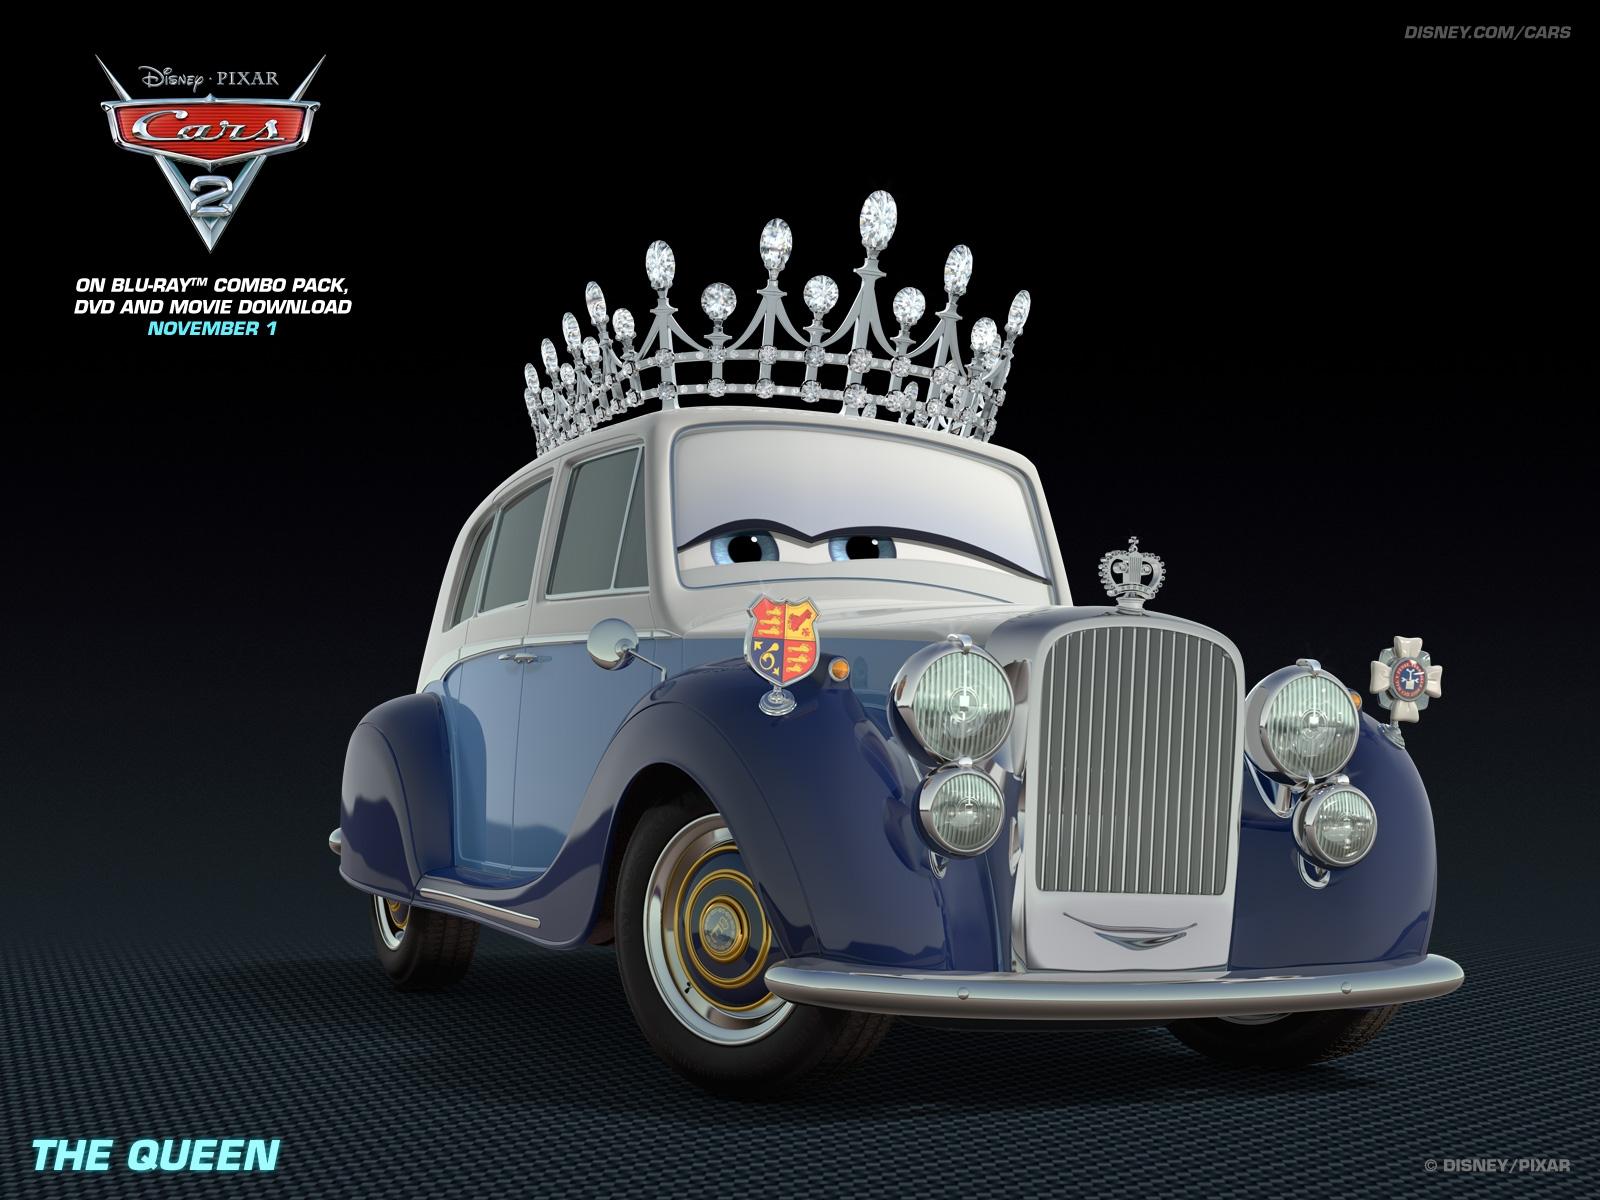 Queen disney pixar cars 2 free hd wallpaper 1600 1200 - Disney cars 3 wallpaper ...